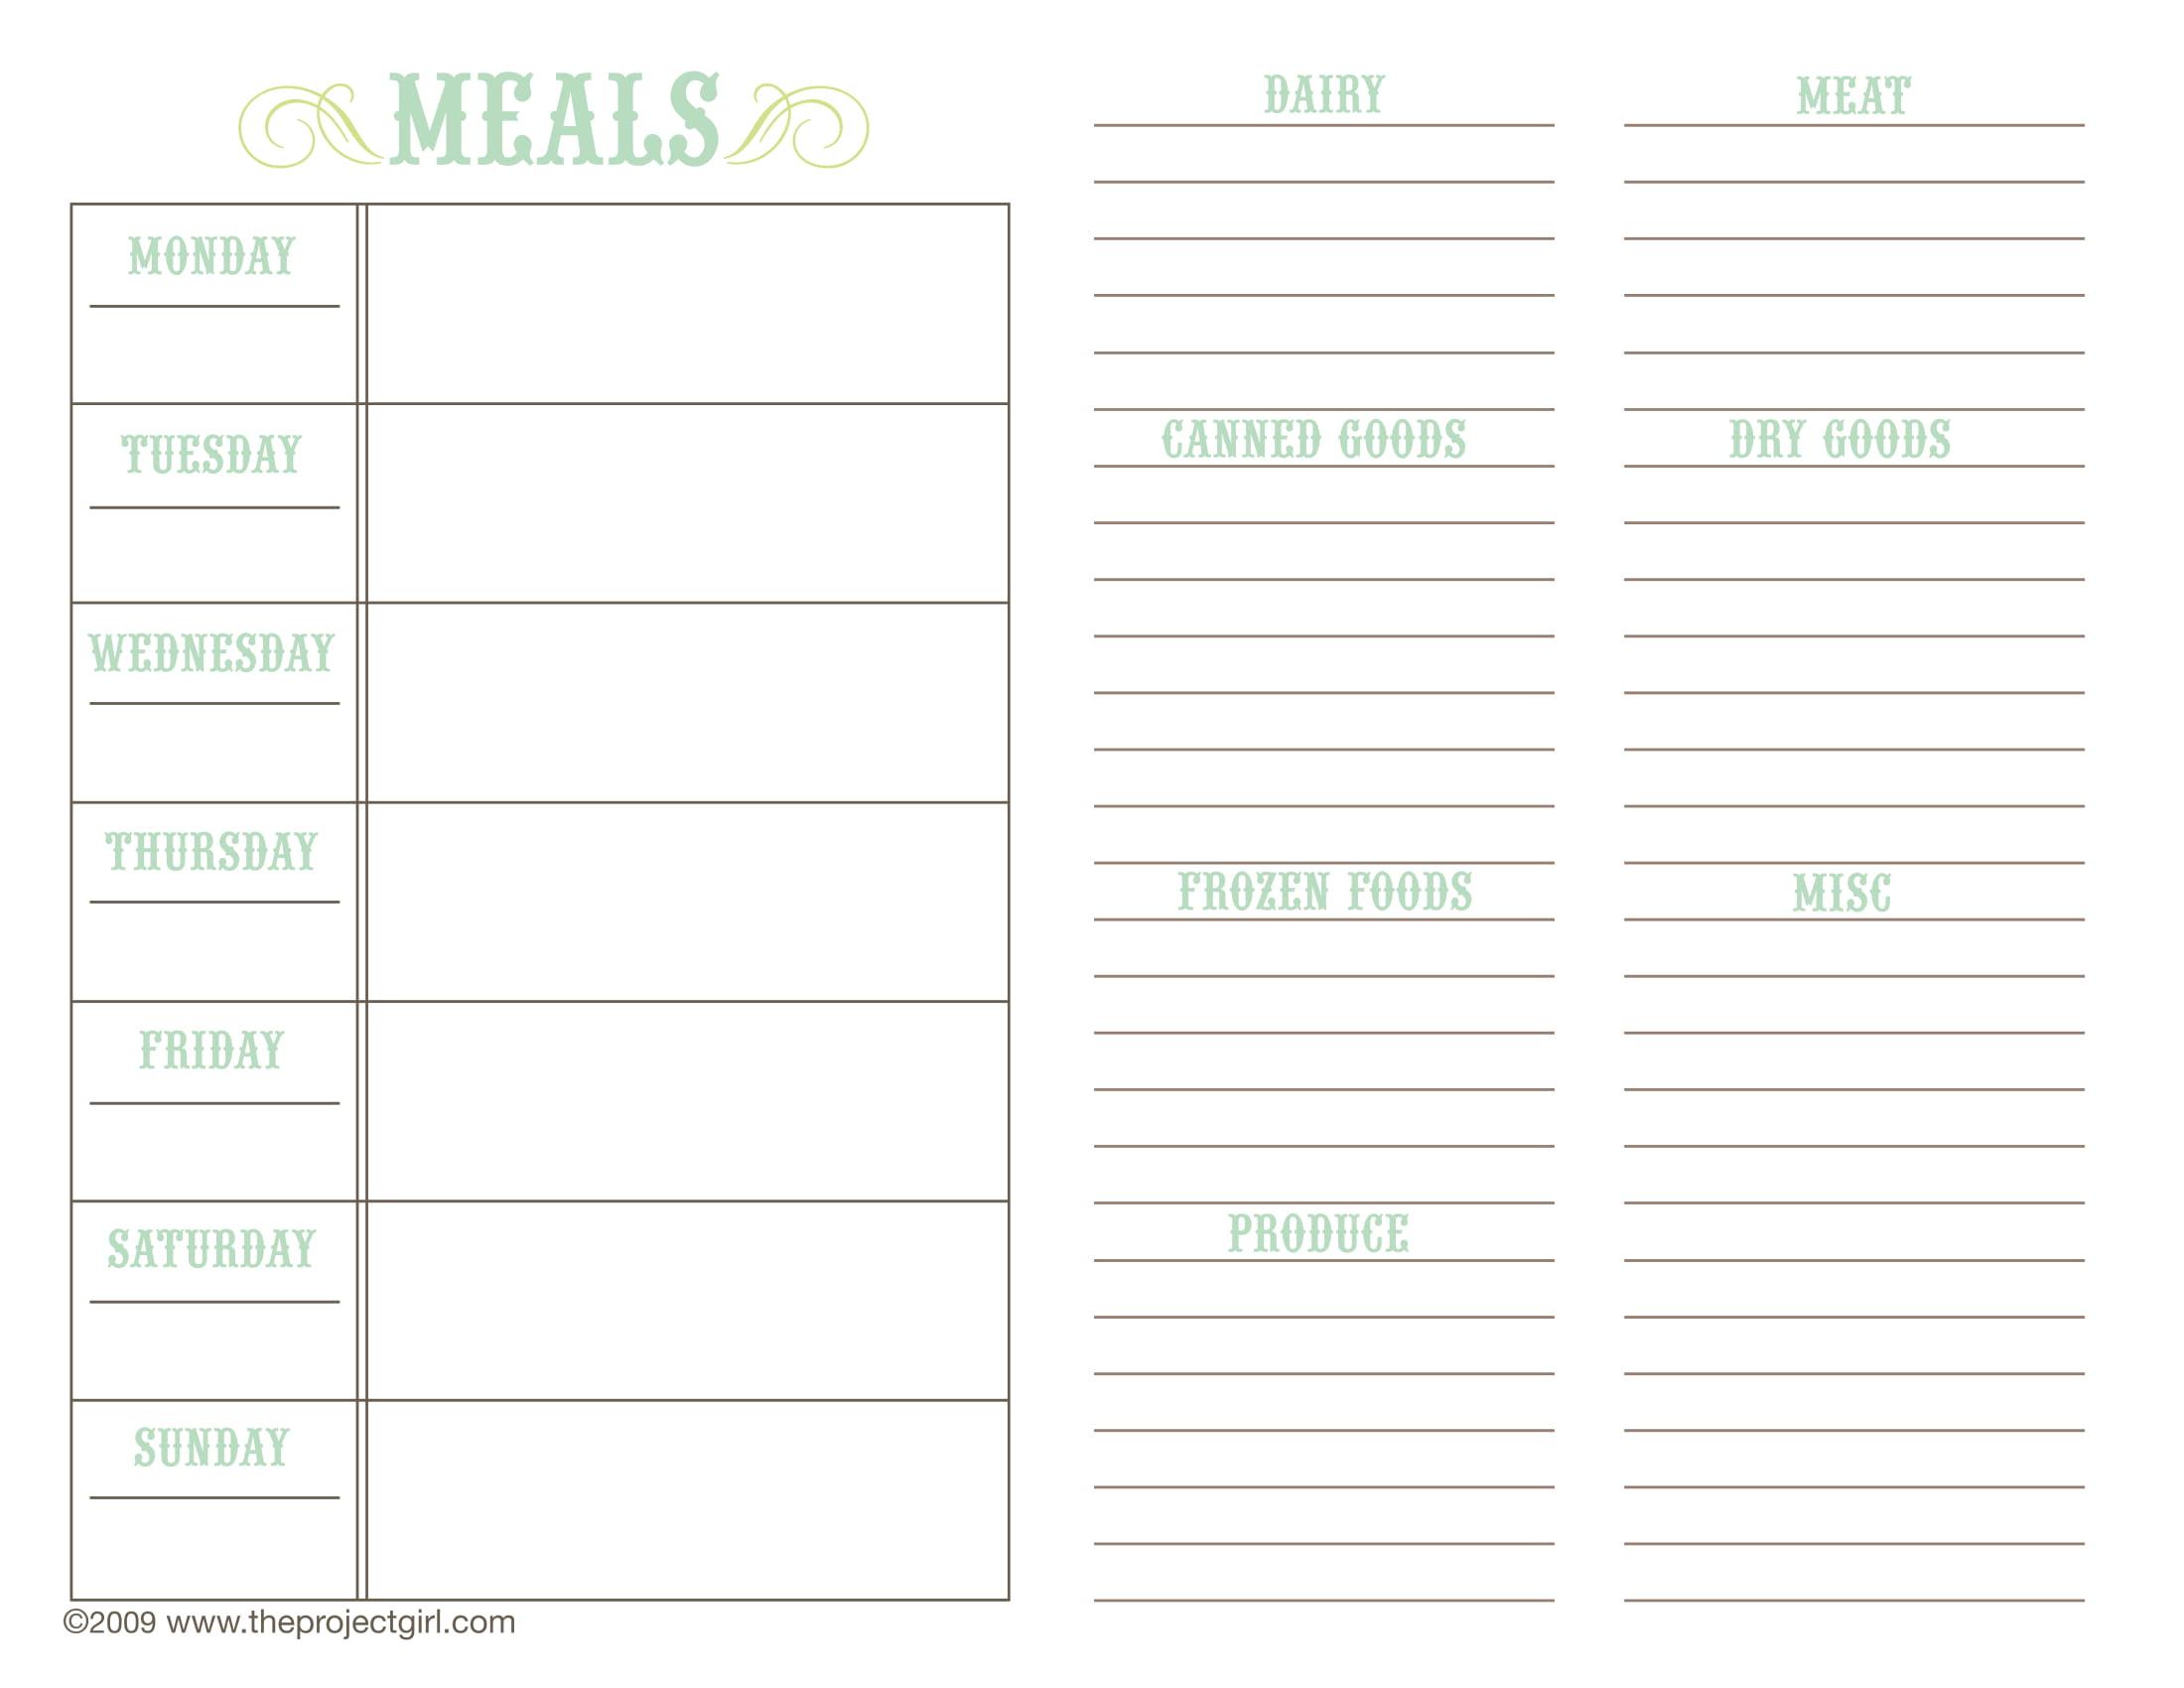 weekly menu planner form 1